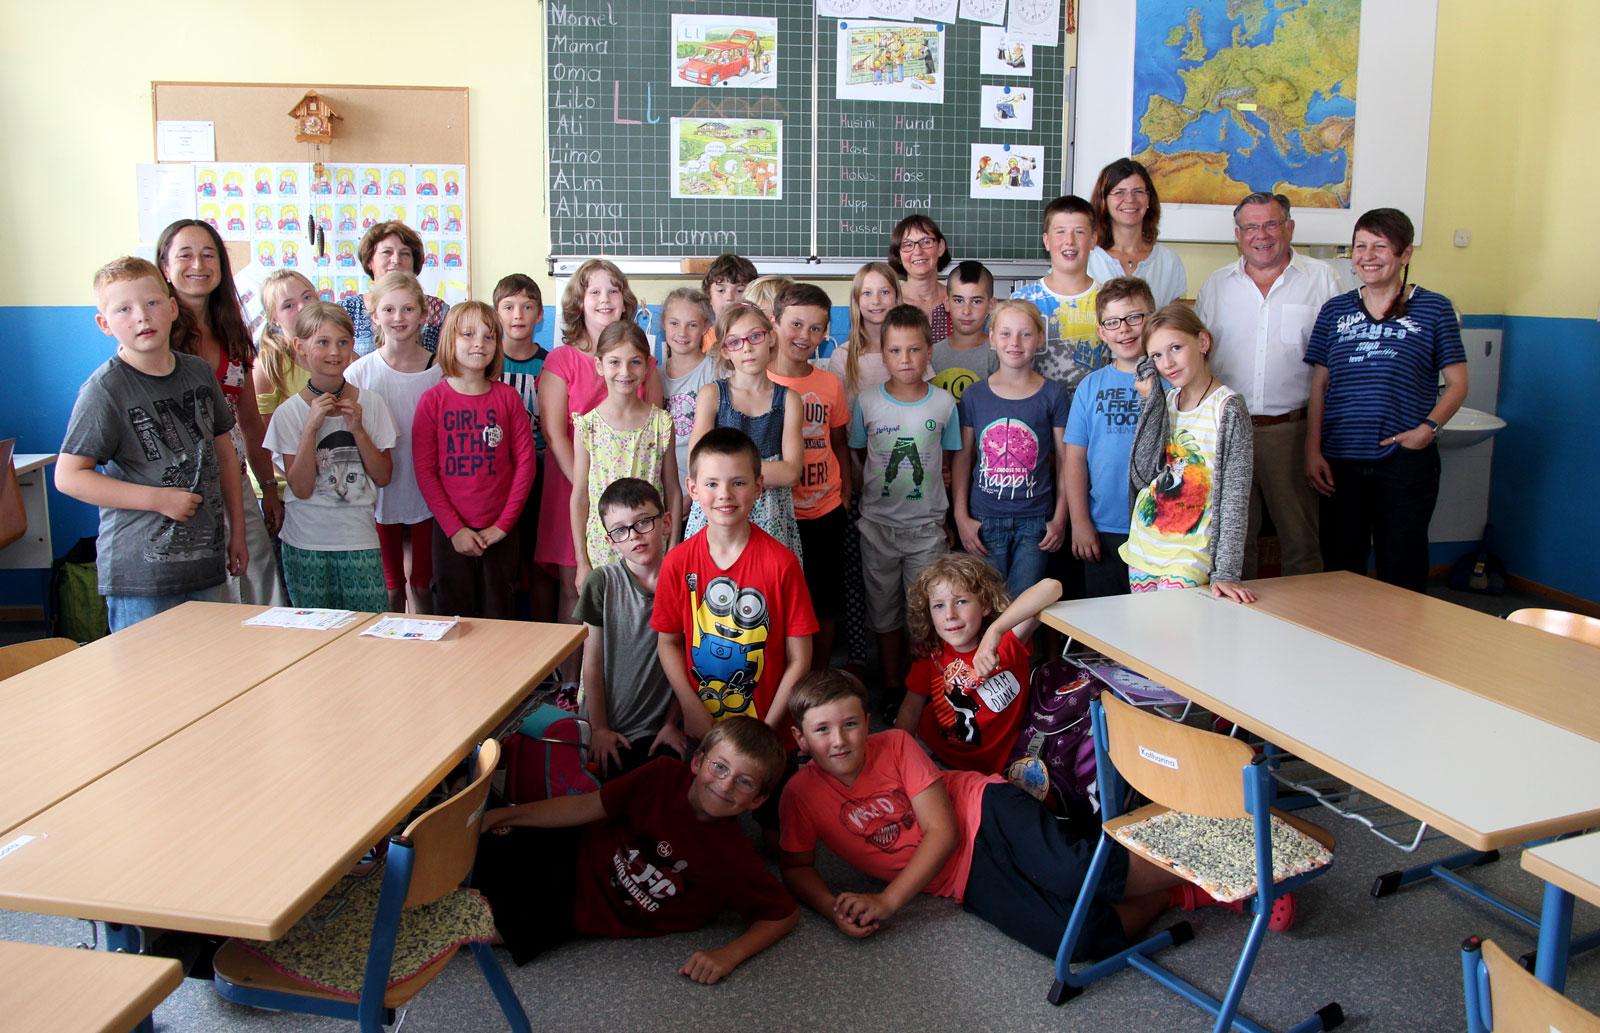 Seit 2011 lernen an der Grundschule Diepersdorf Kinder mit und ohne Förderbedarf miteinander und voneinander.